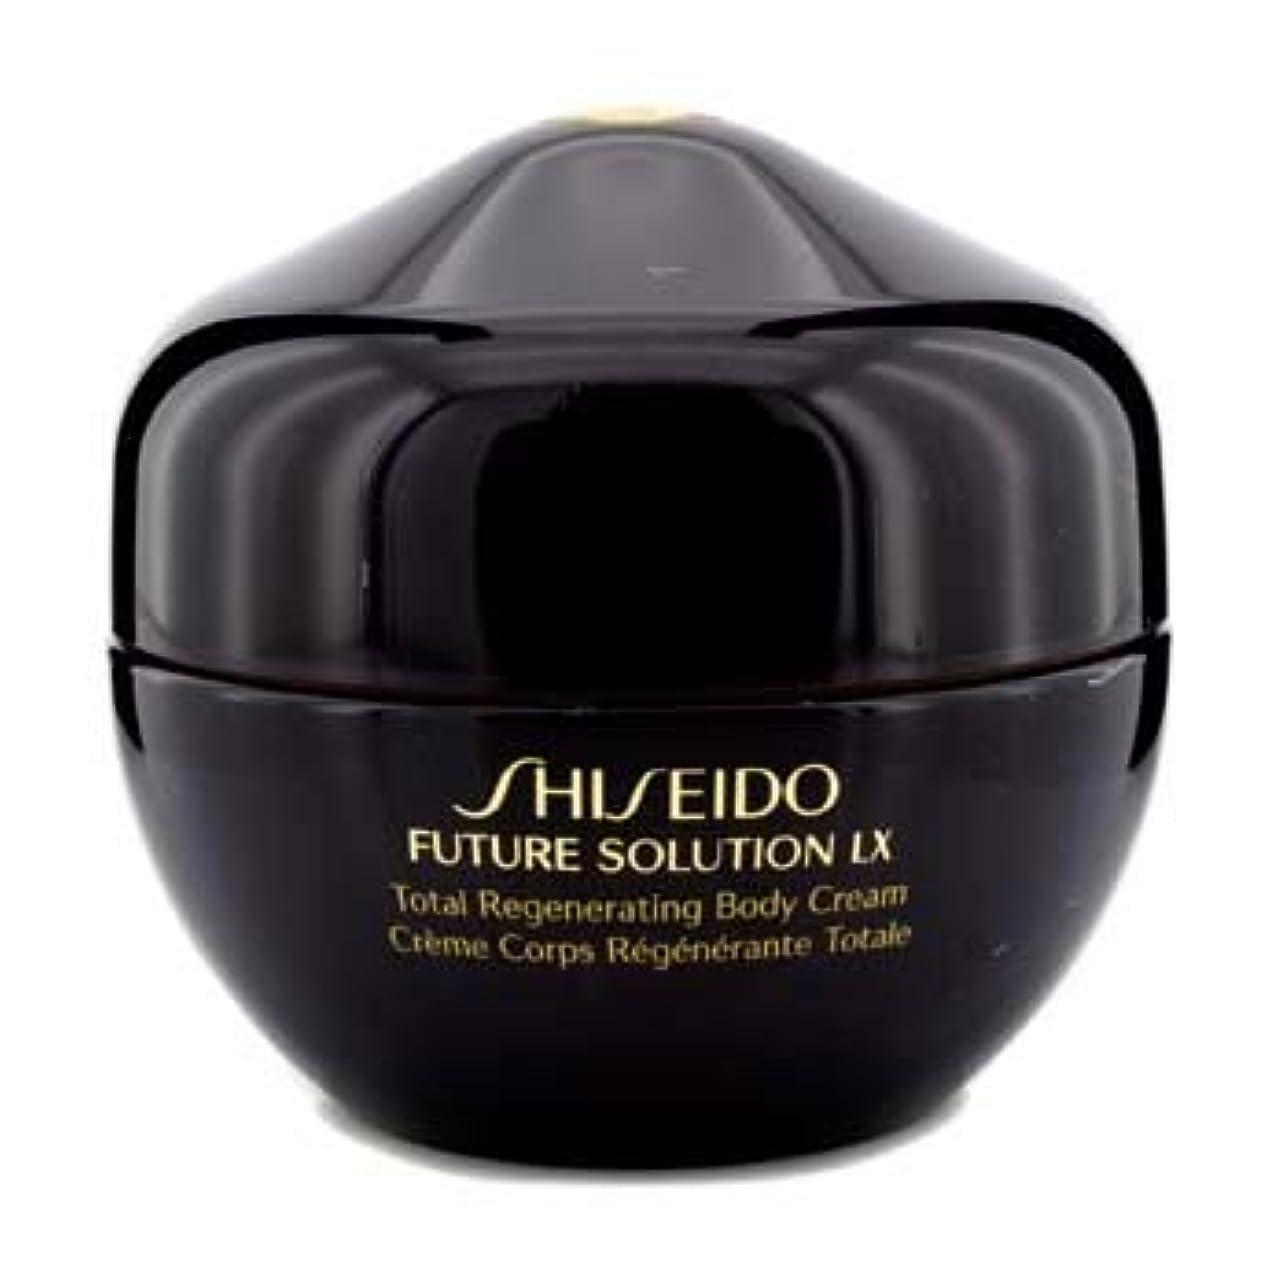 キルス隔離する処分した[Shiseido] Future Solution LX Total Regenerating Body Cream 200ml/6.7oz